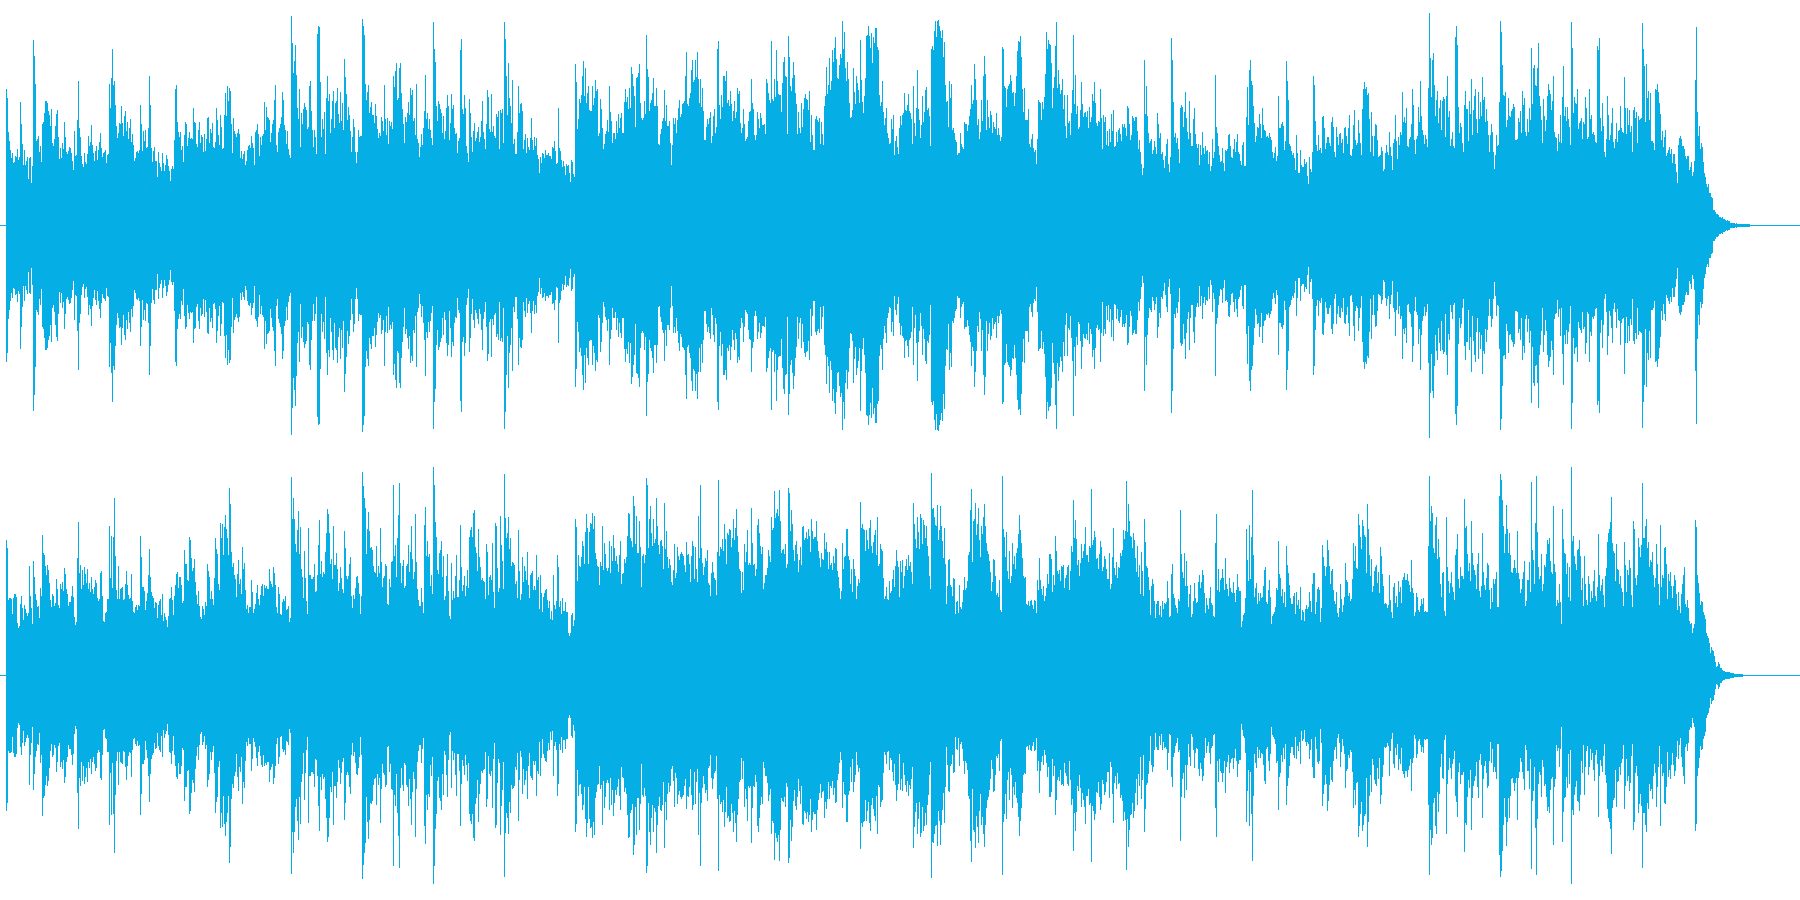 神秘的な雰囲気のヒーリングサウンドの再生済みの波形